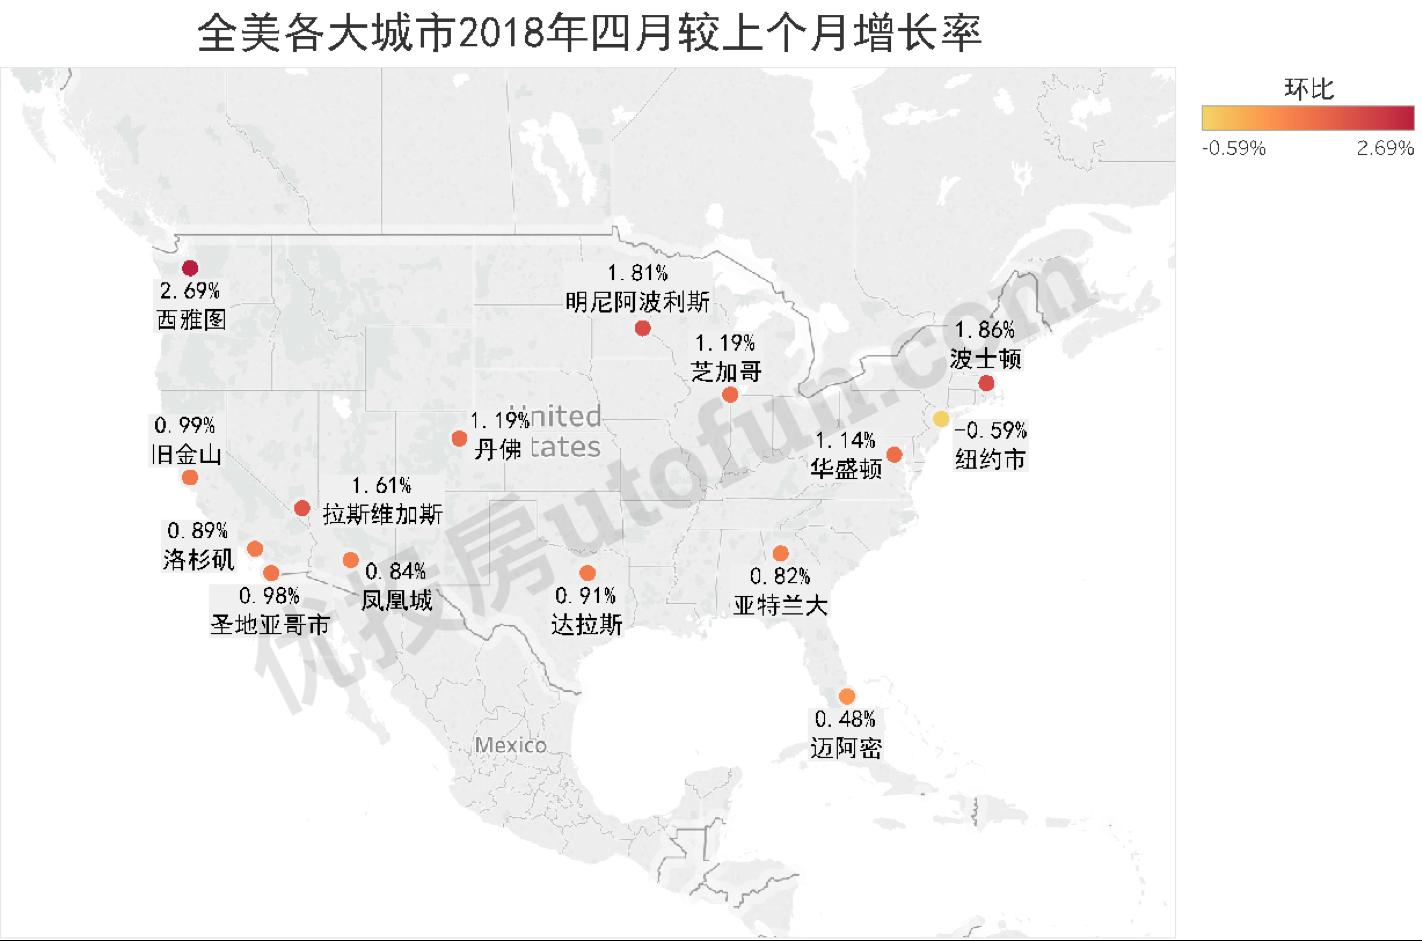 全美各大城市2018年四月较上个月增长率